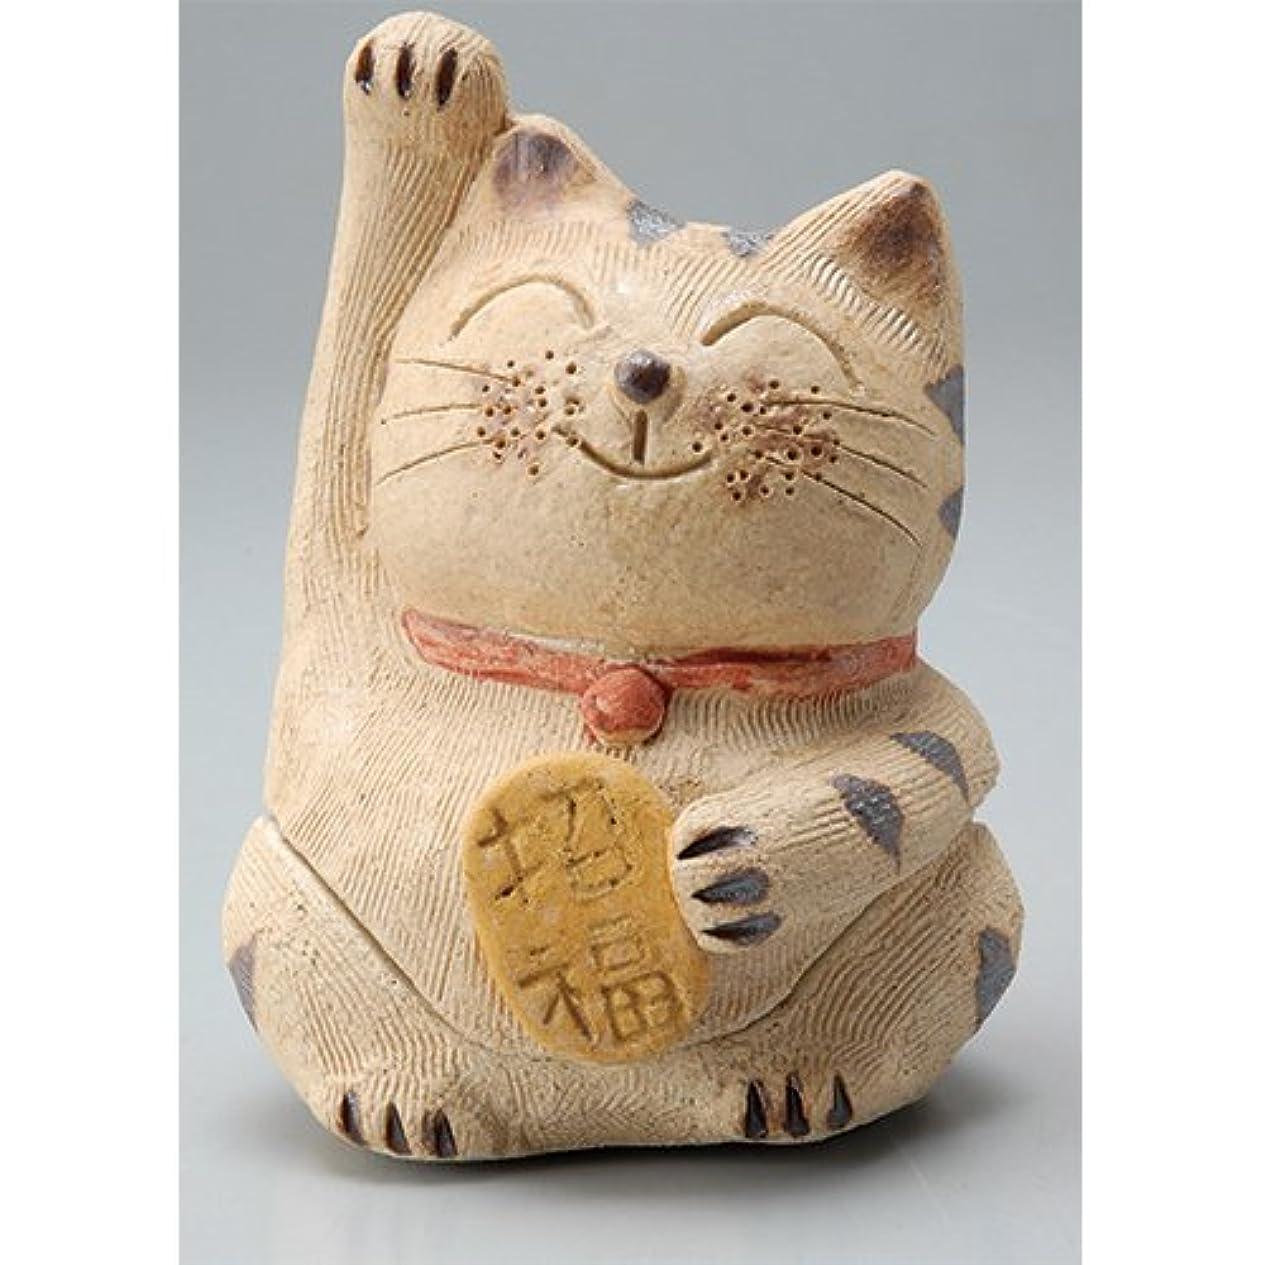 市長活気づける弾薬香炉 微笑み招き猫(お金招き)香炉(小) [H8.5cm] HANDMADE プレゼント ギフト 和食器 かわいい インテリア